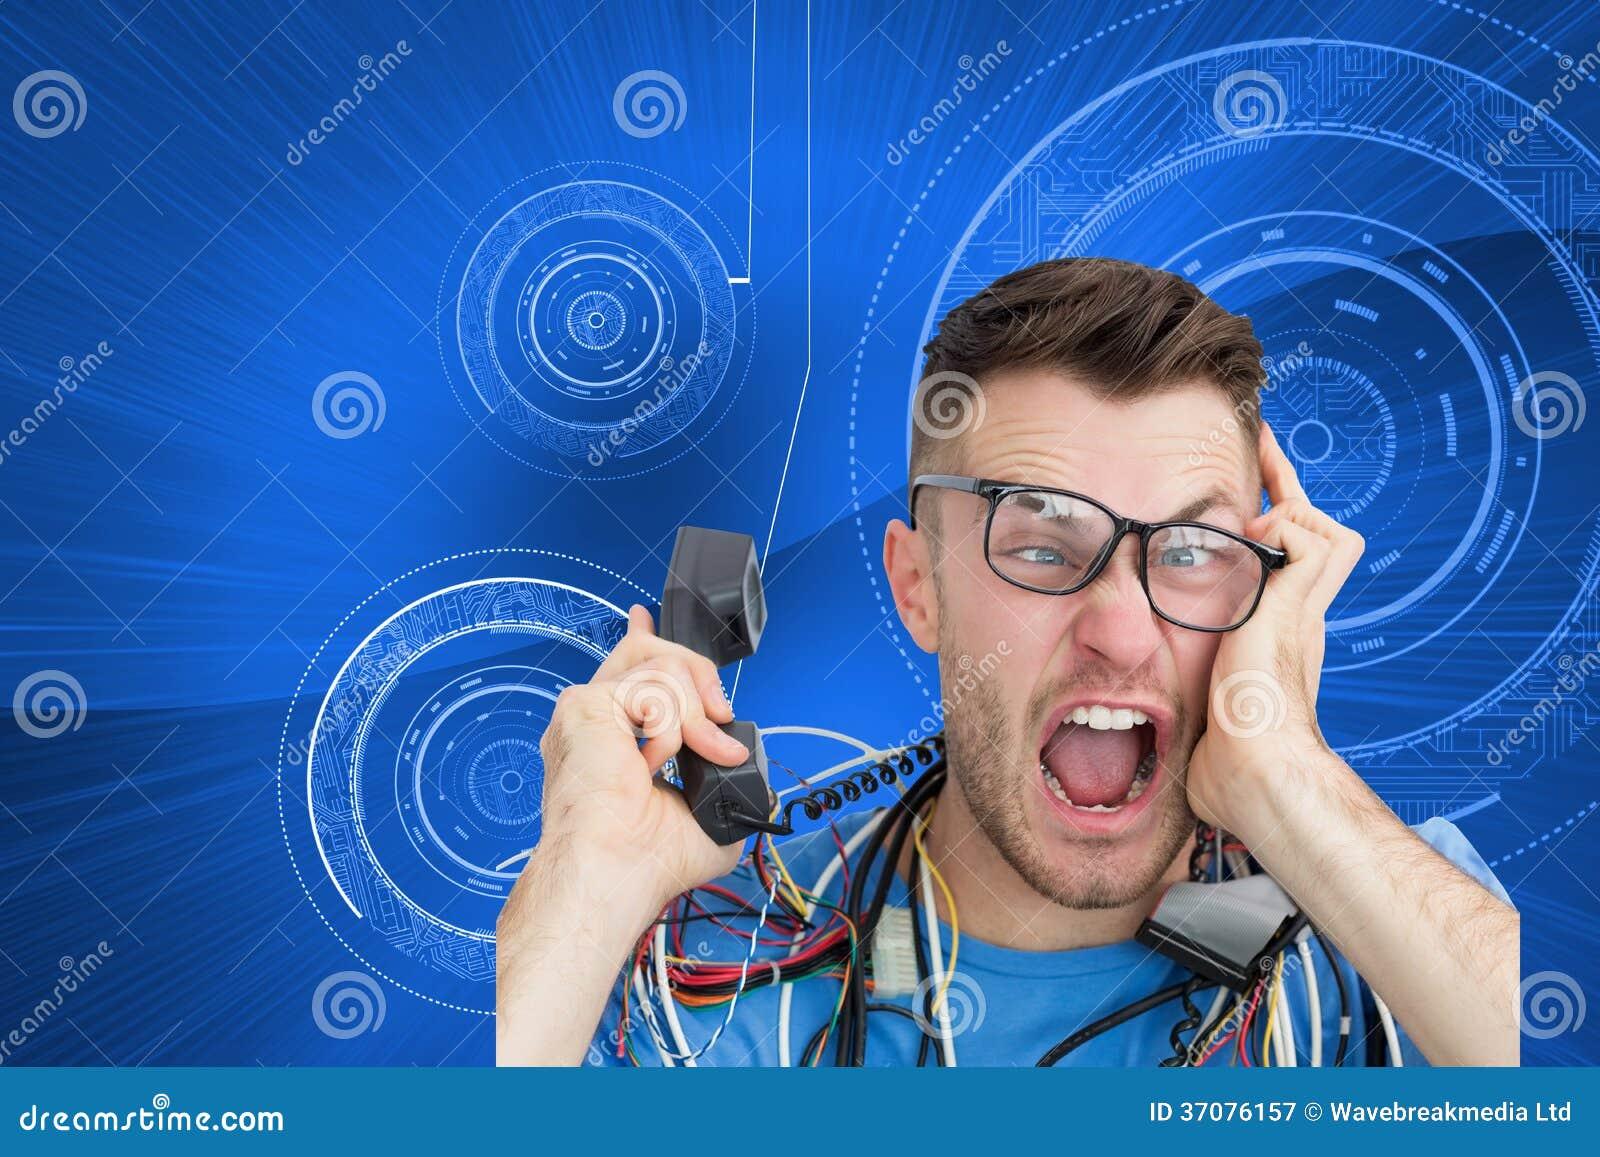 Download Sfrustowany Komputerowy Inżynier Krzyczy Podczas Gdy Na Wezwaniu Przed Otwartą Jednostką Centralną Ilustracji - Ilustracja złożonej z technologia, błękitny: 37076157